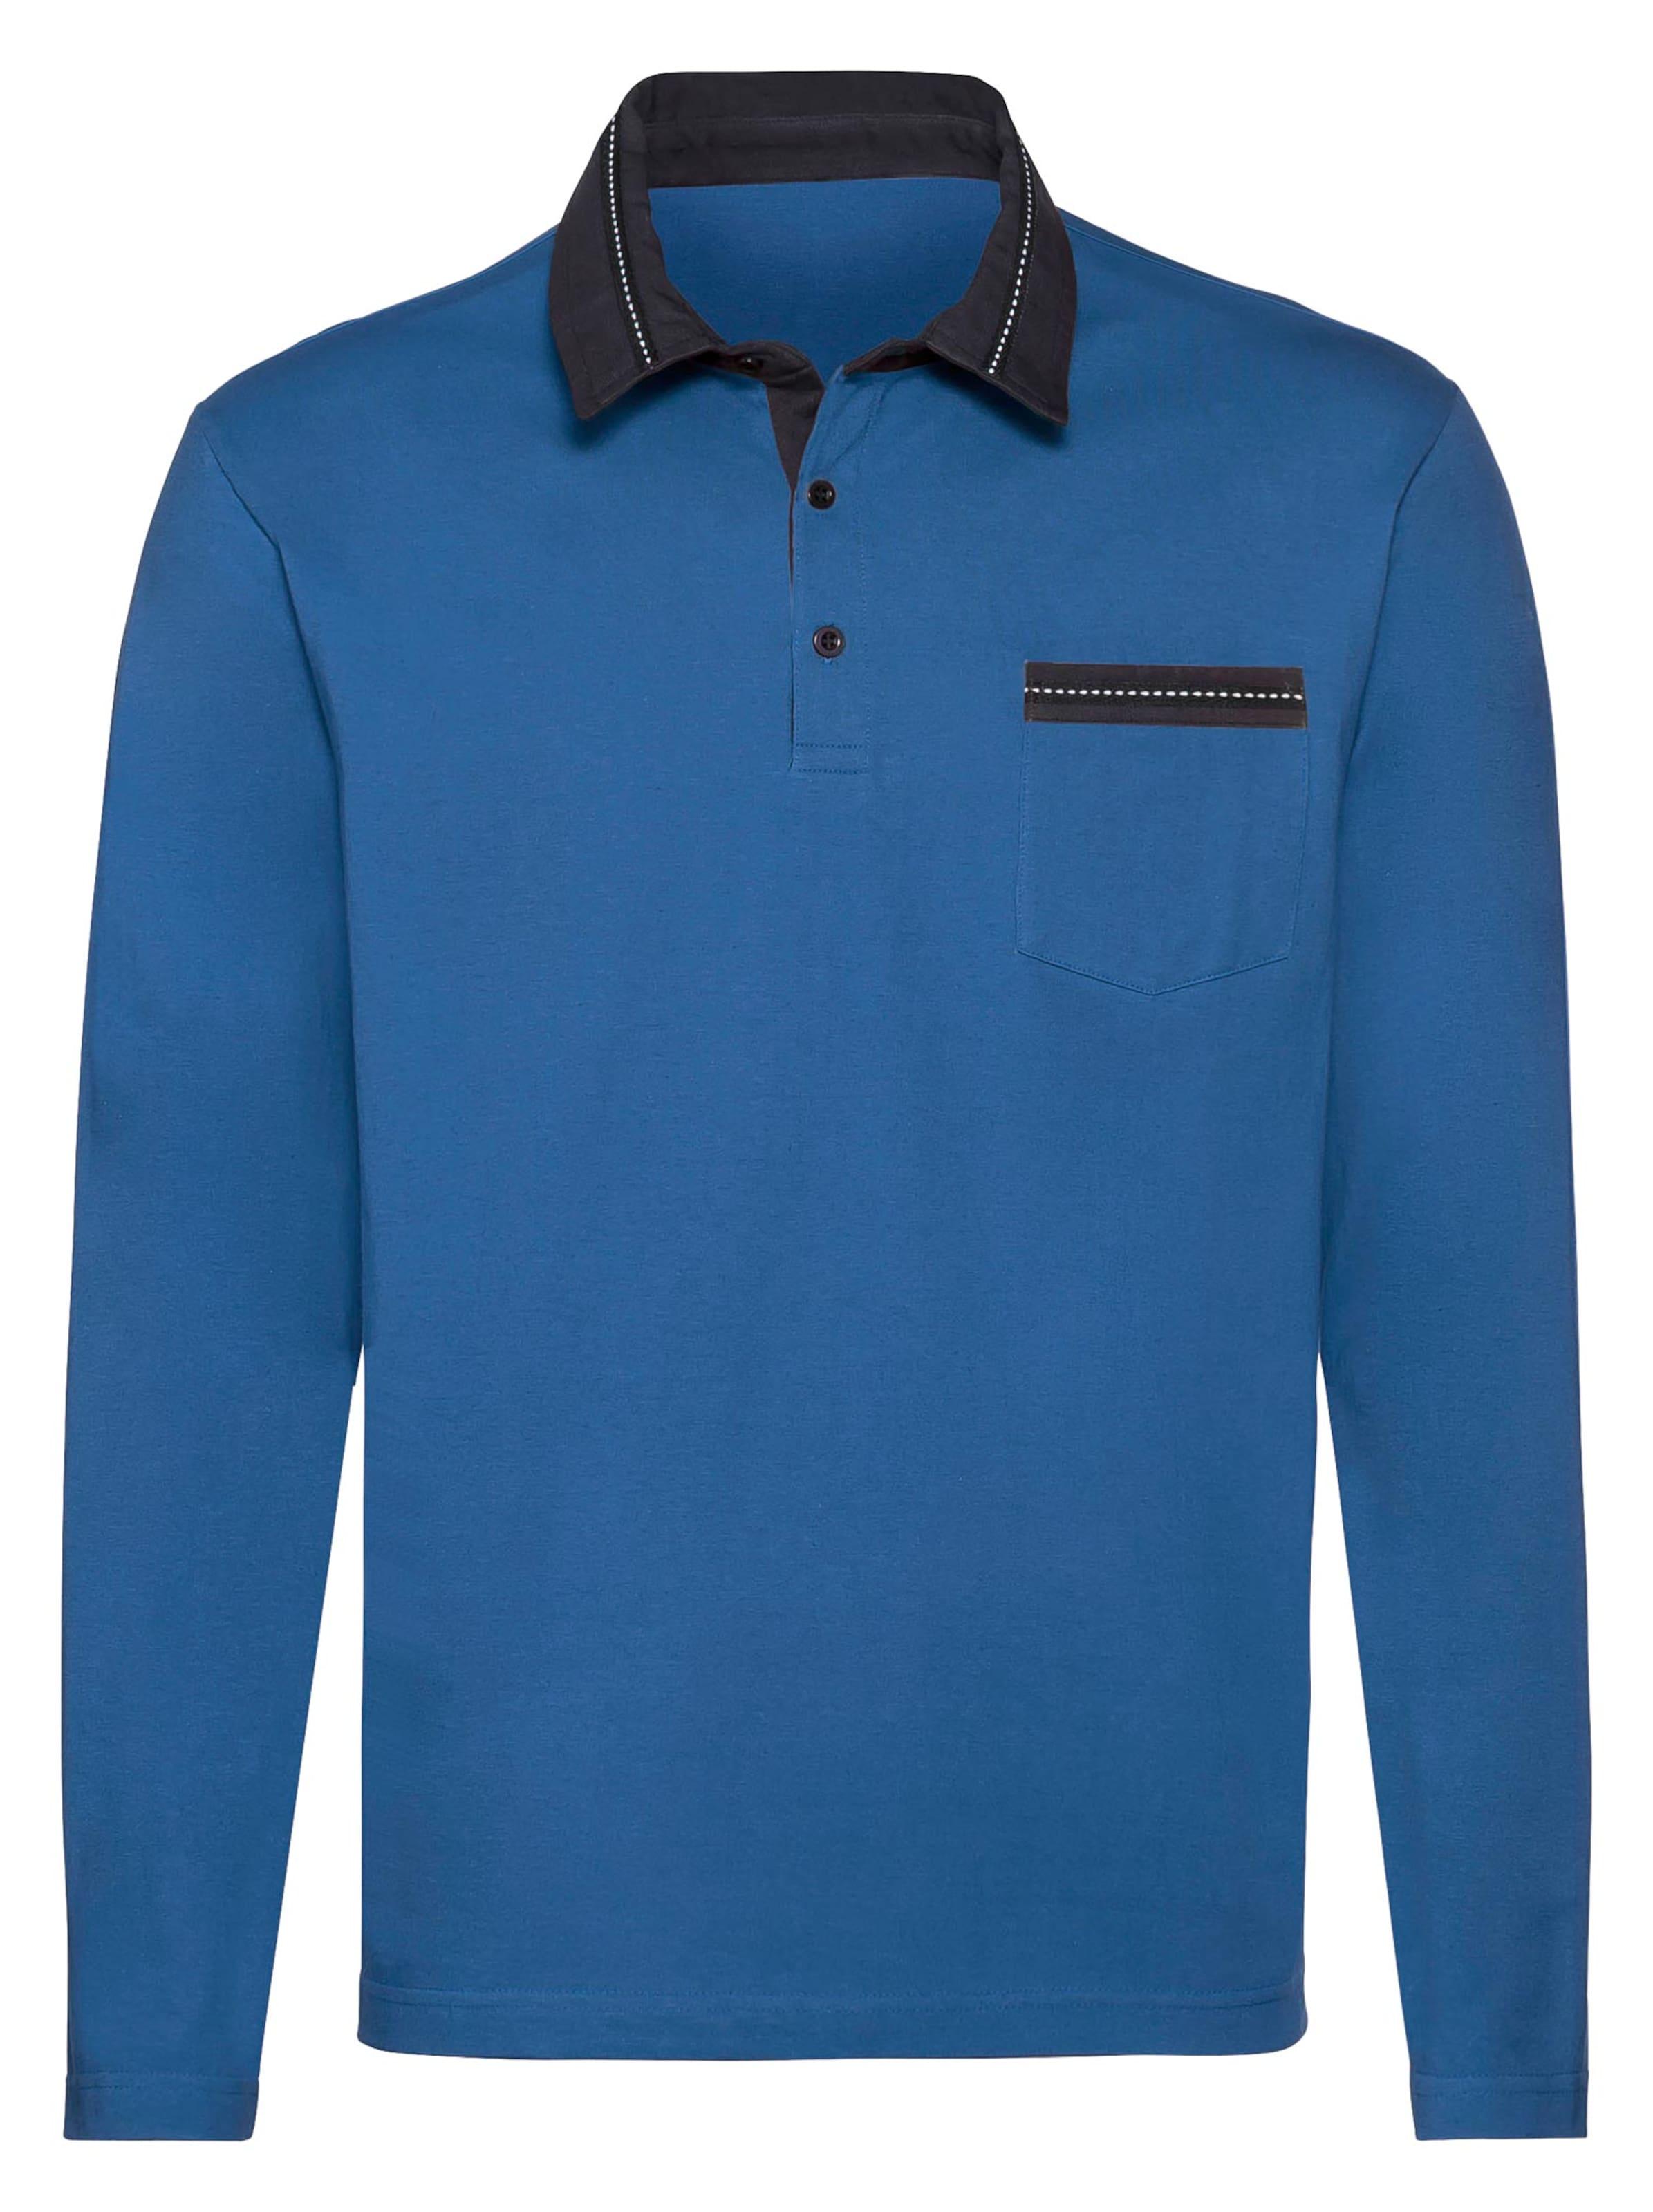 catamaran - Witt Weiden Herren Langarm-Shirt royalblau